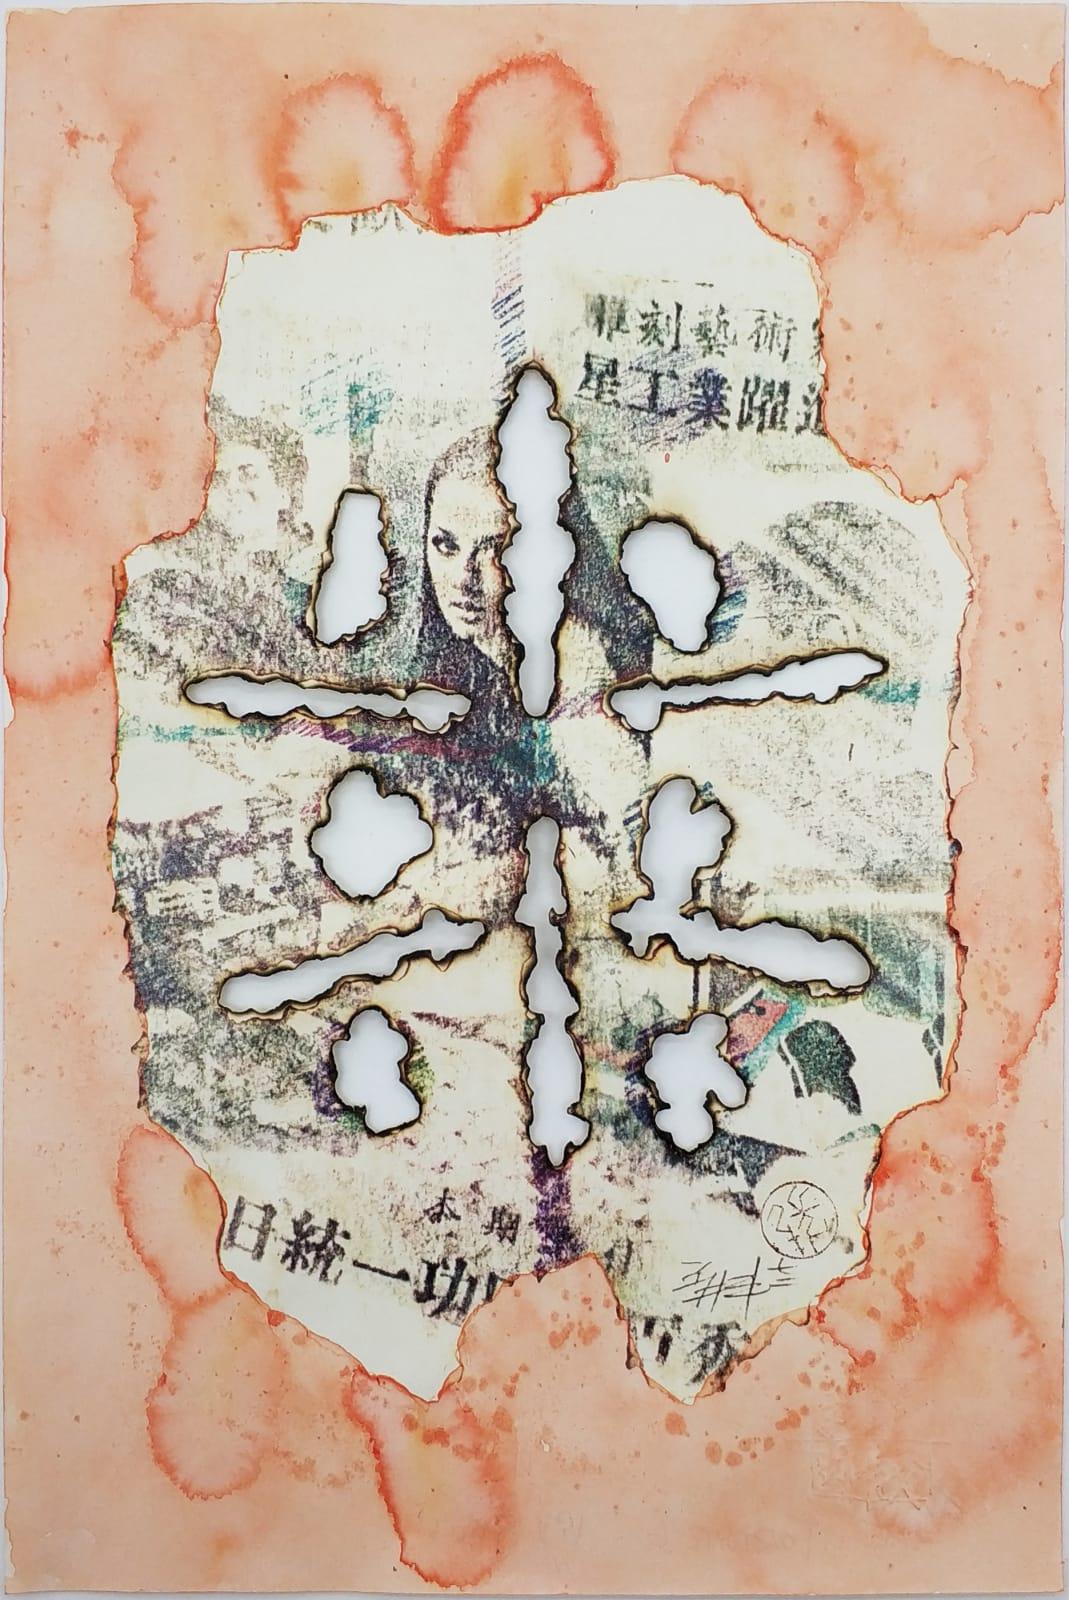 Cheung Yee 張義, Fortune 6 富六, 1972